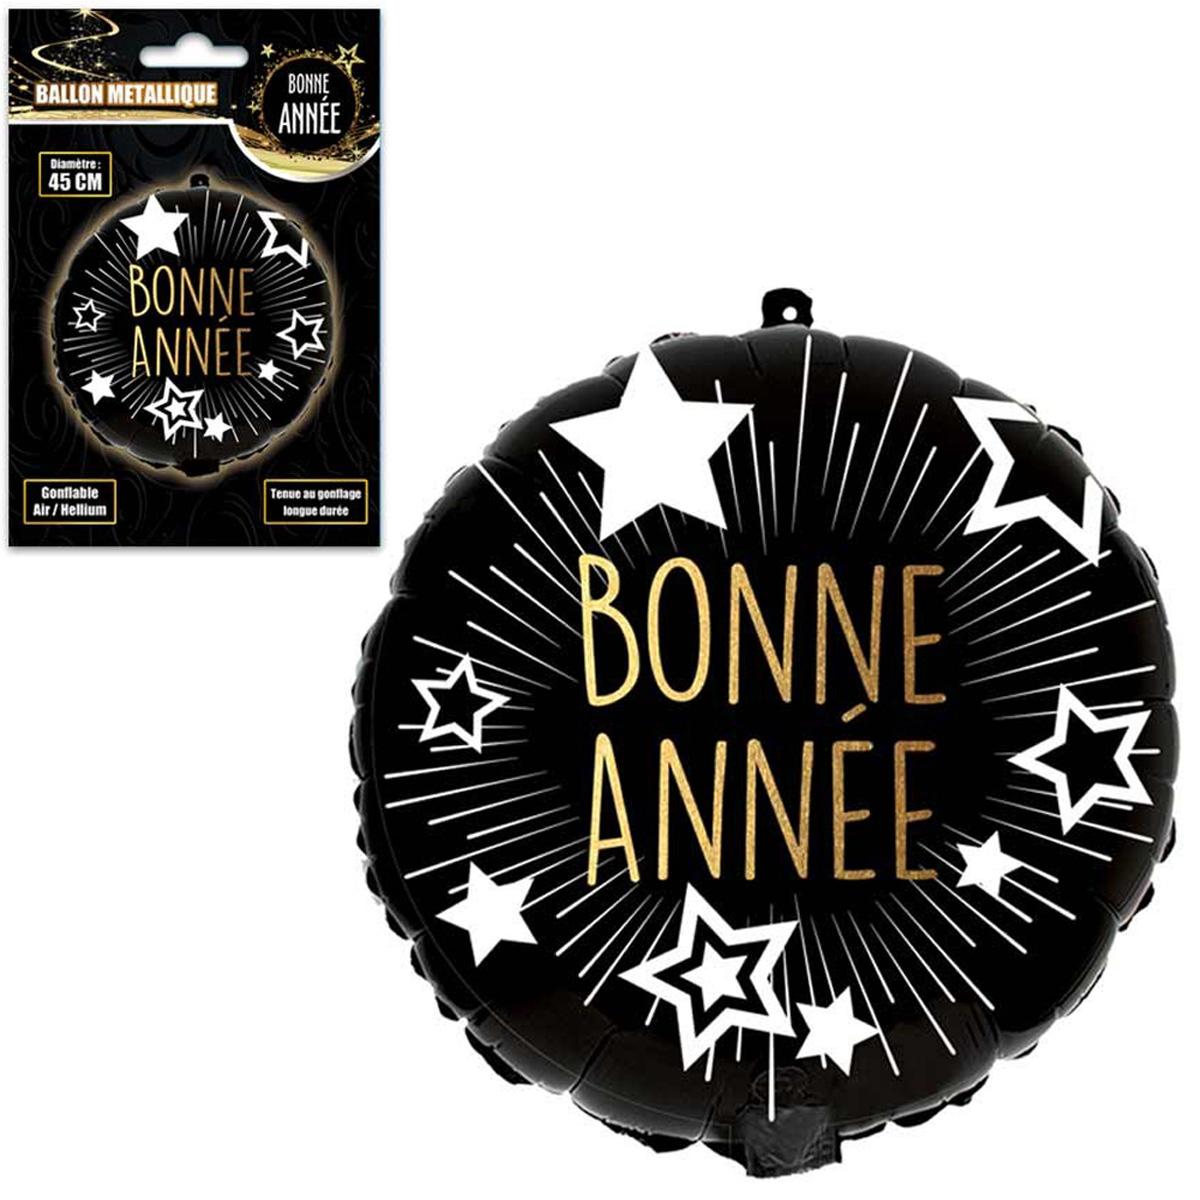 Ballon métallique \'Bonne Année\' noir doré - 45 cm - [Q4555]